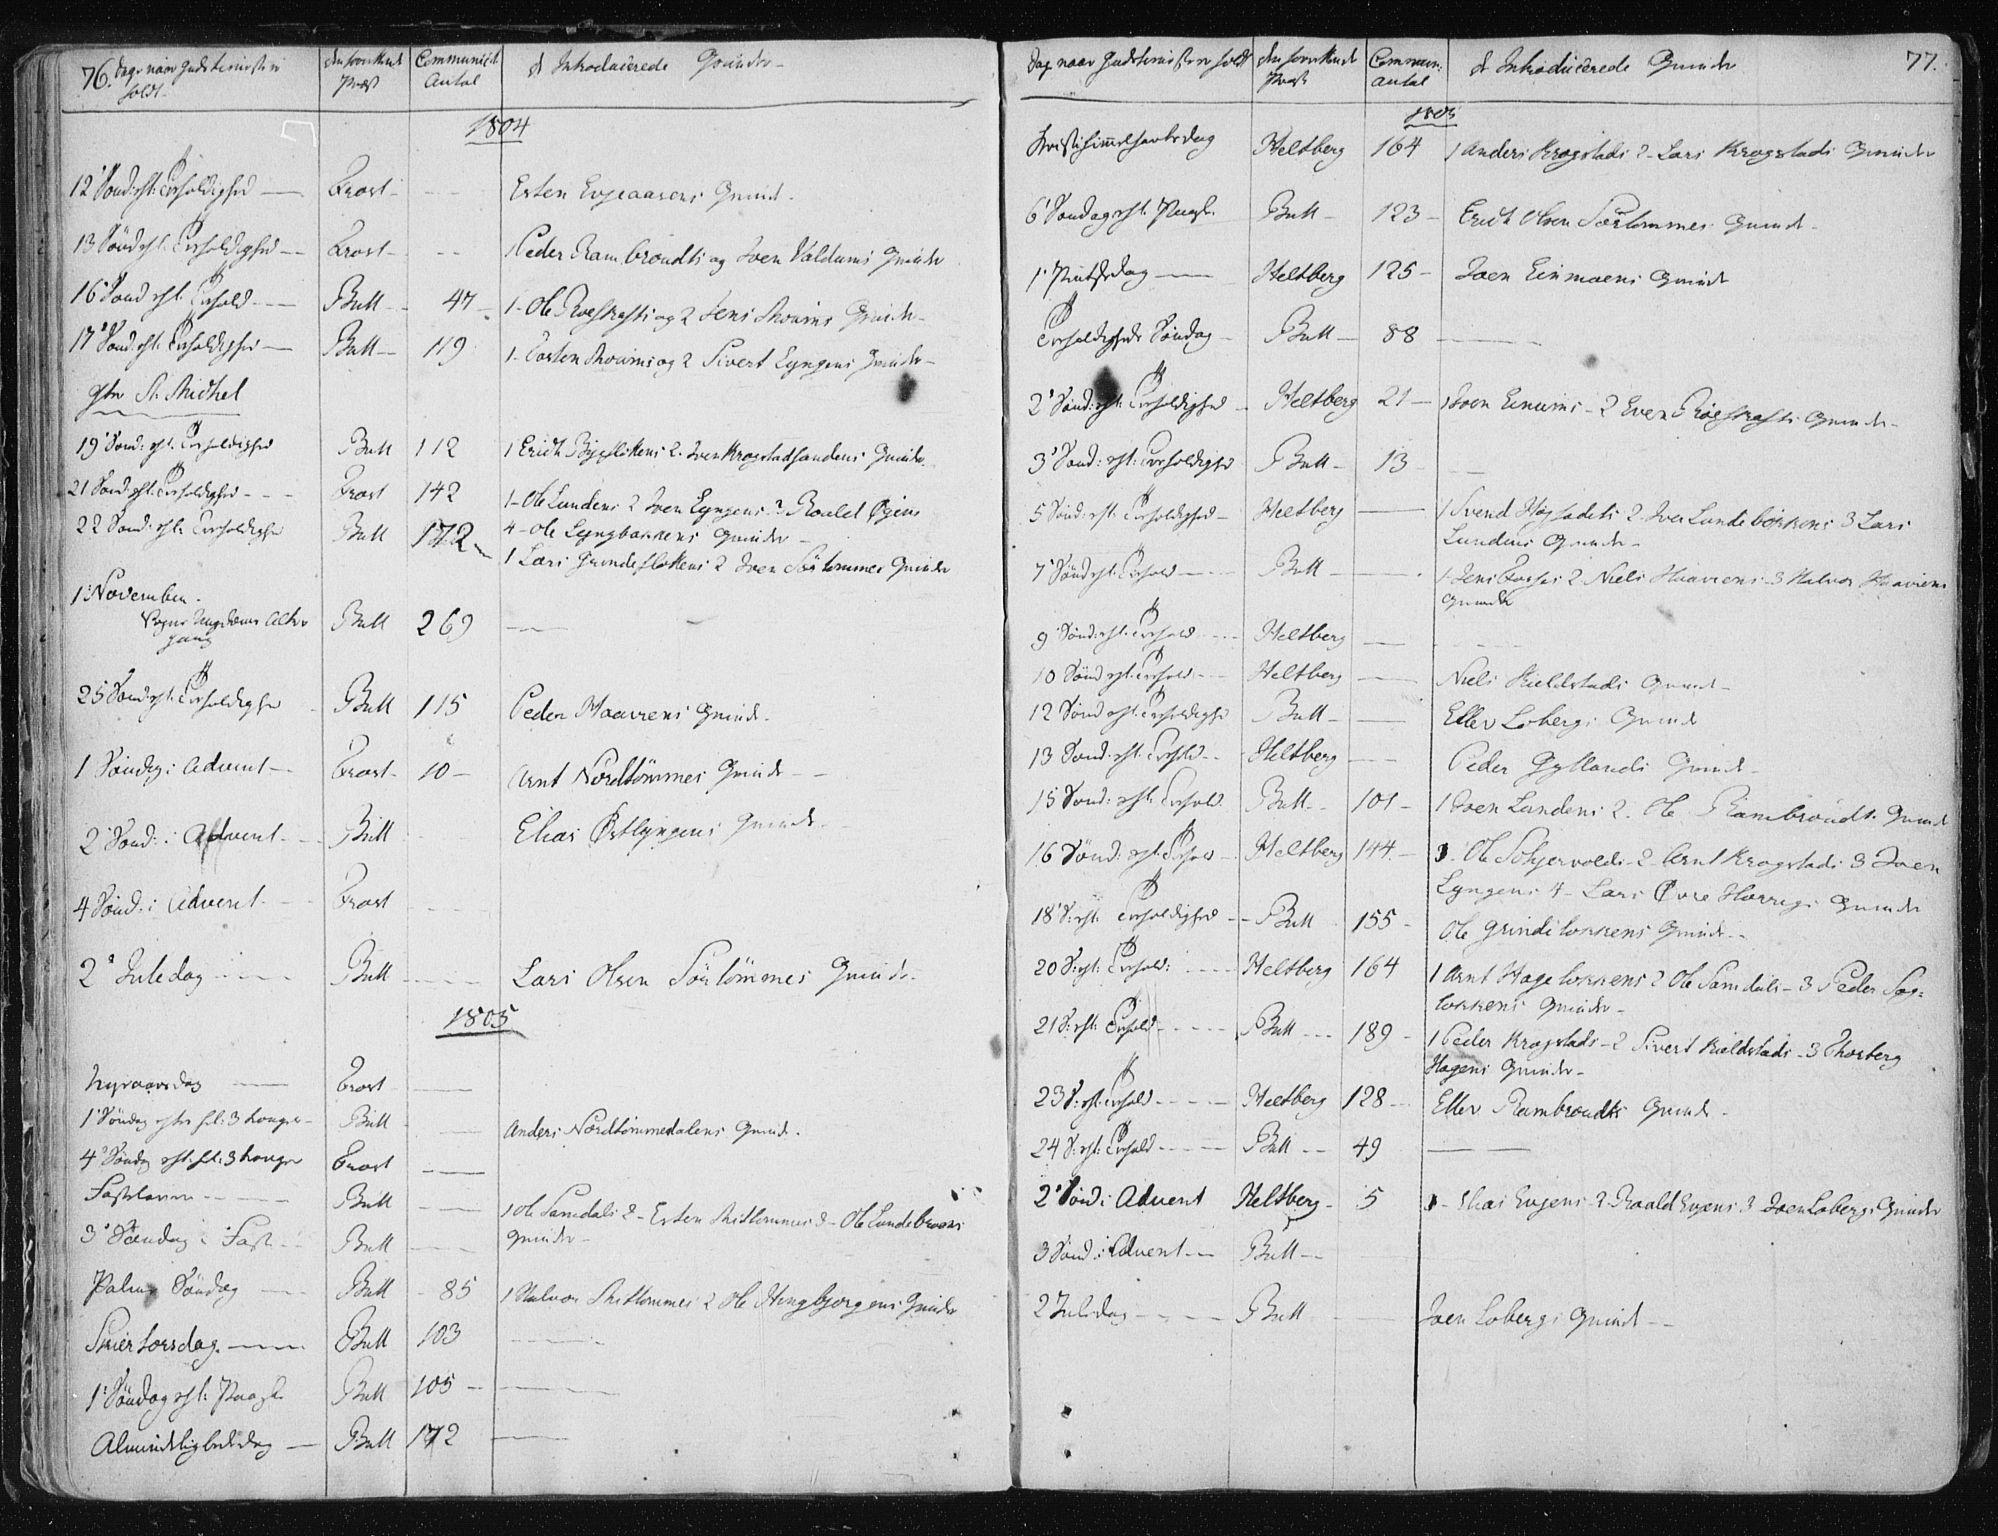 SAT, Ministerialprotokoller, klokkerbøker og fødselsregistre - Sør-Trøndelag, 687/L0993: Ministerialbok nr. 687A03 /2, 1788-1815, s. 76-77